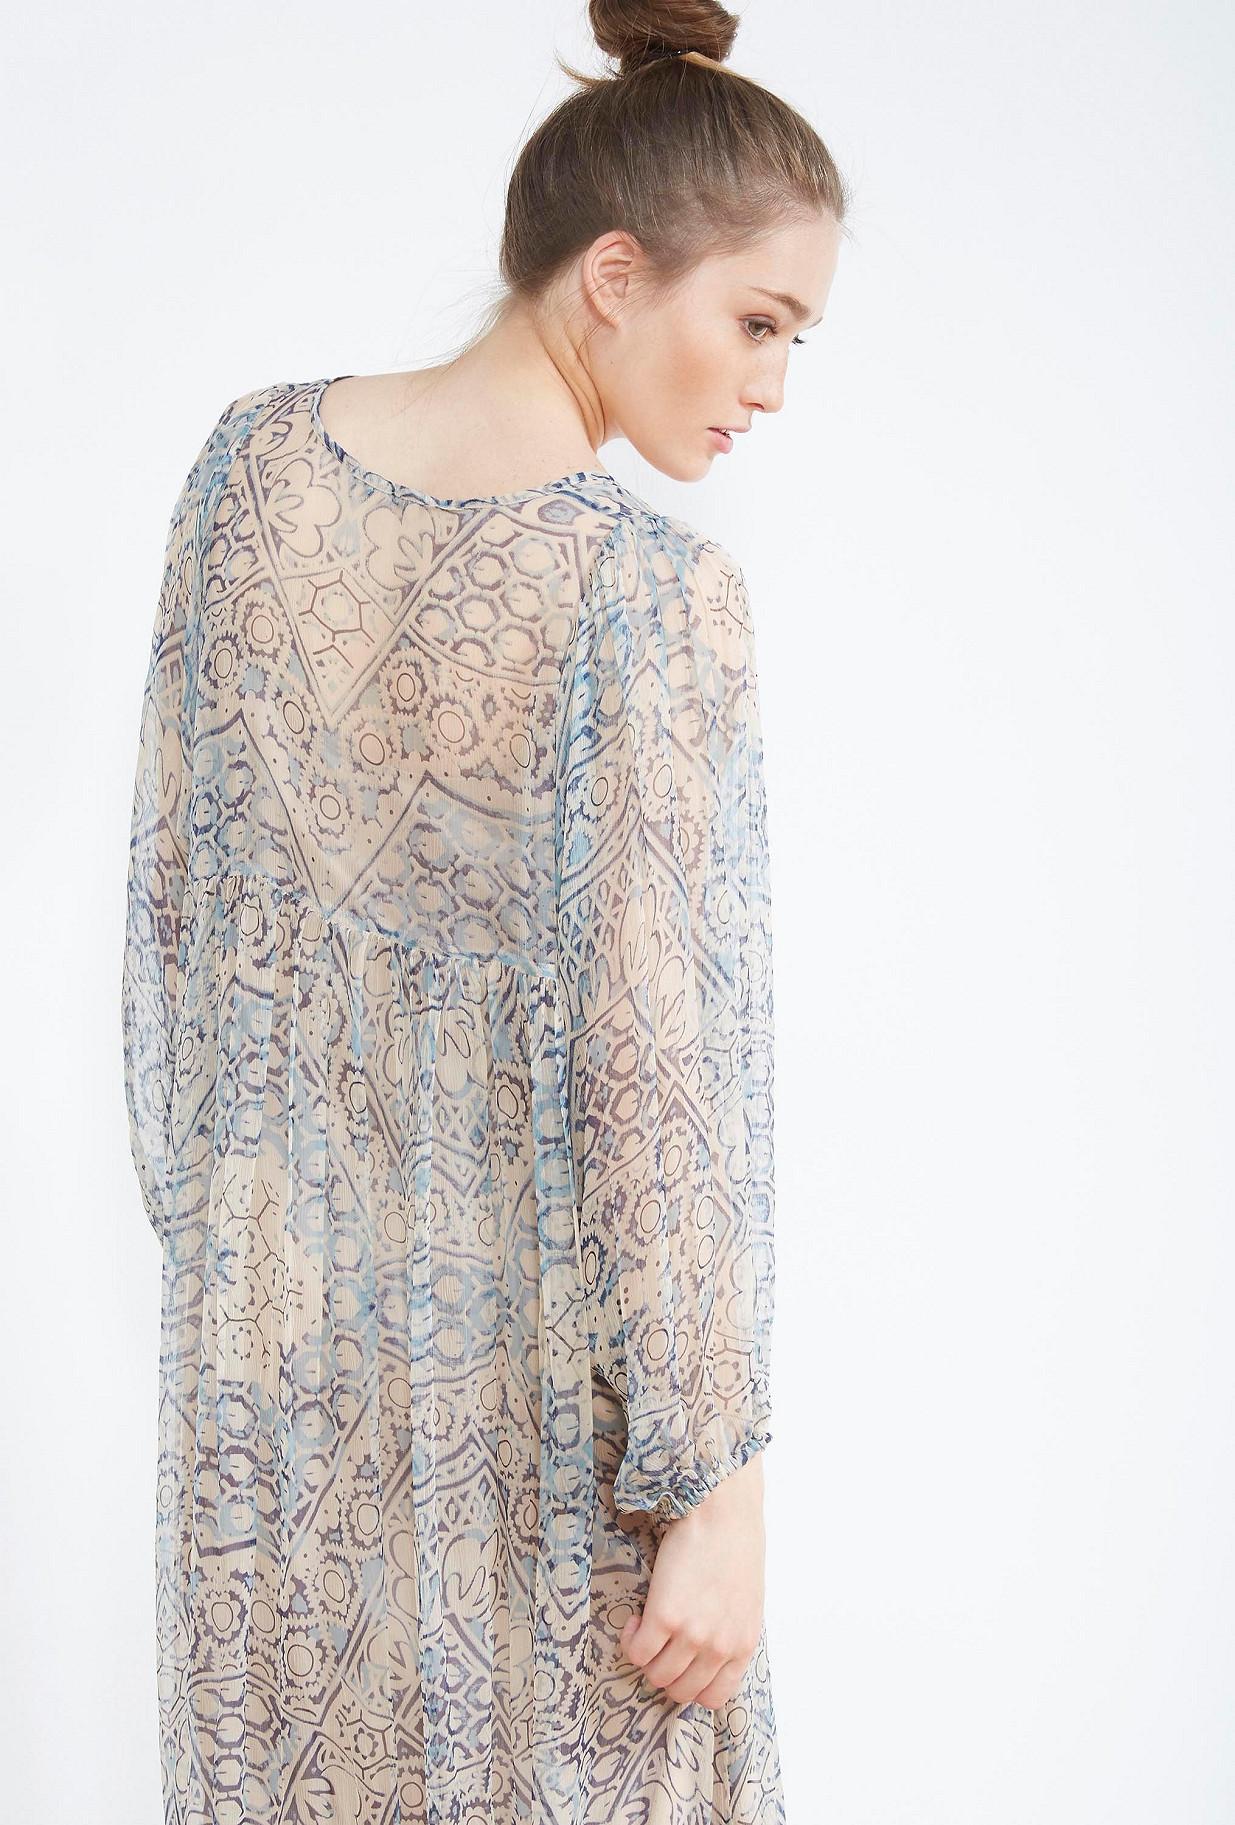 ROBE Imprimé bleu  Feydeau mes demoiselles paris vêtement femme paris